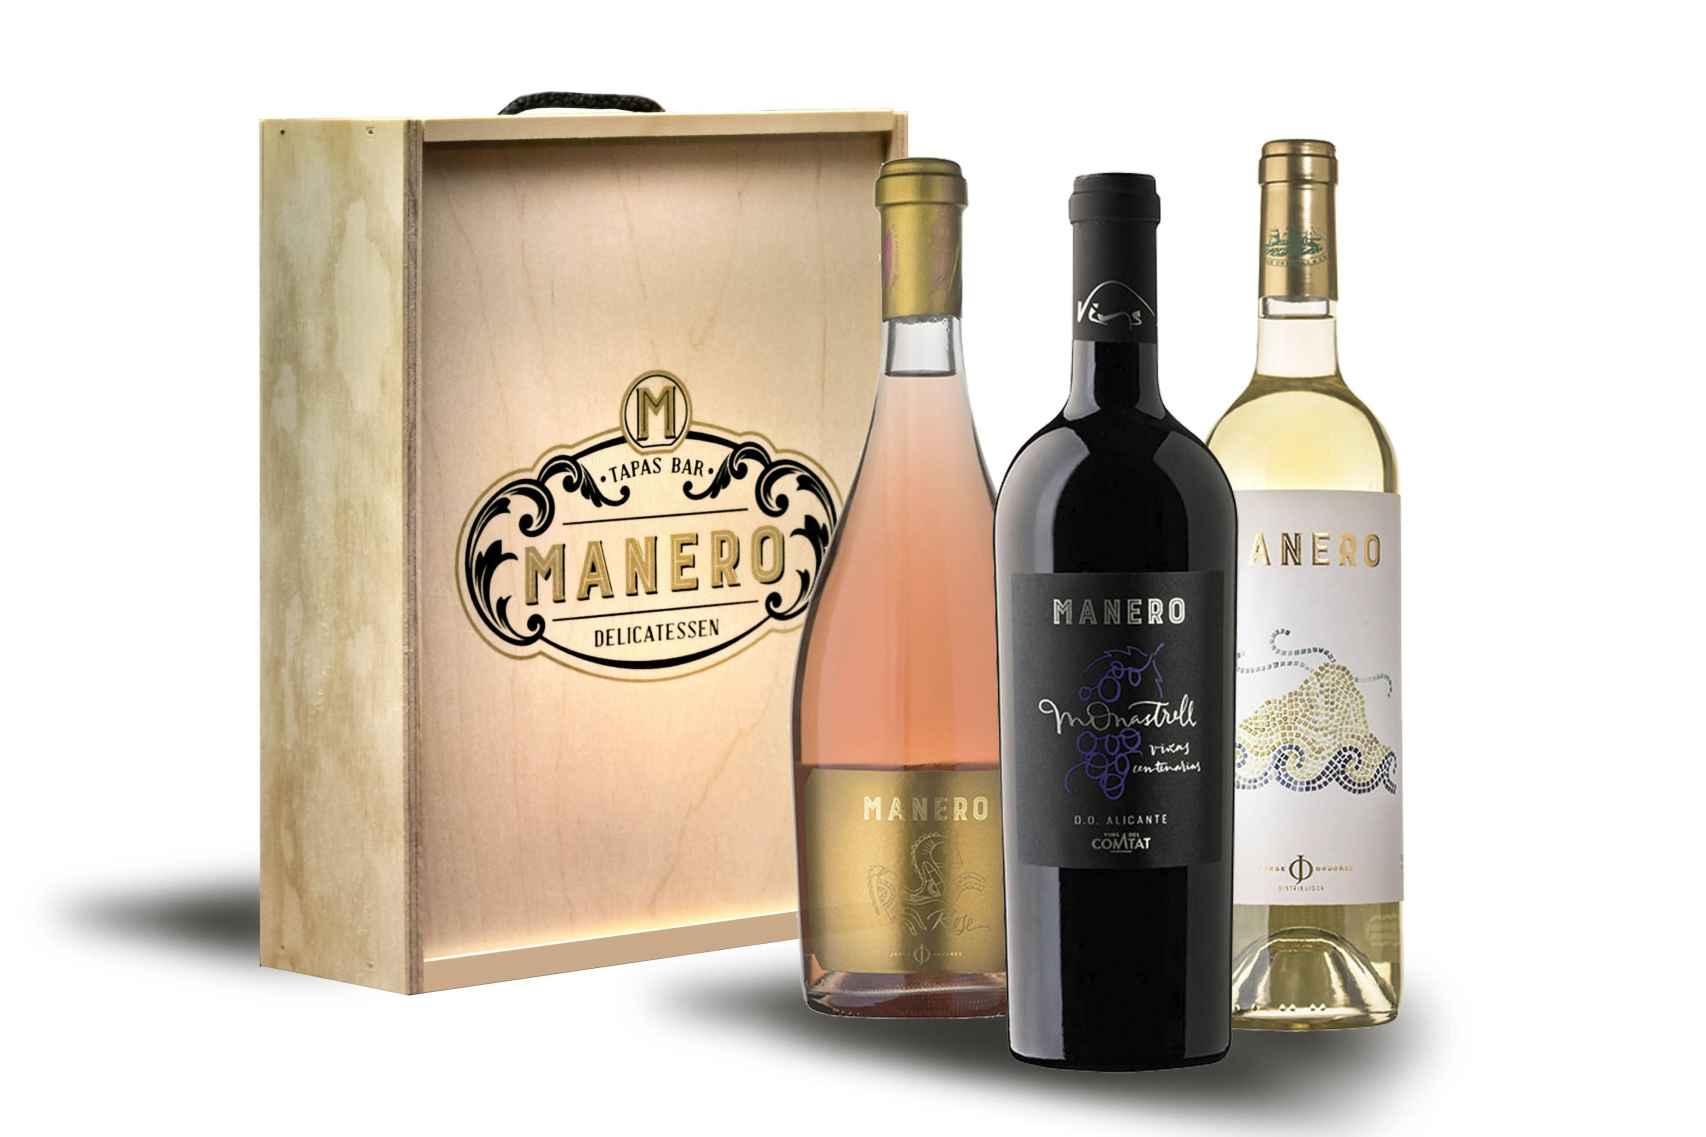 Algunos de los vinos seleccionados de Manero.